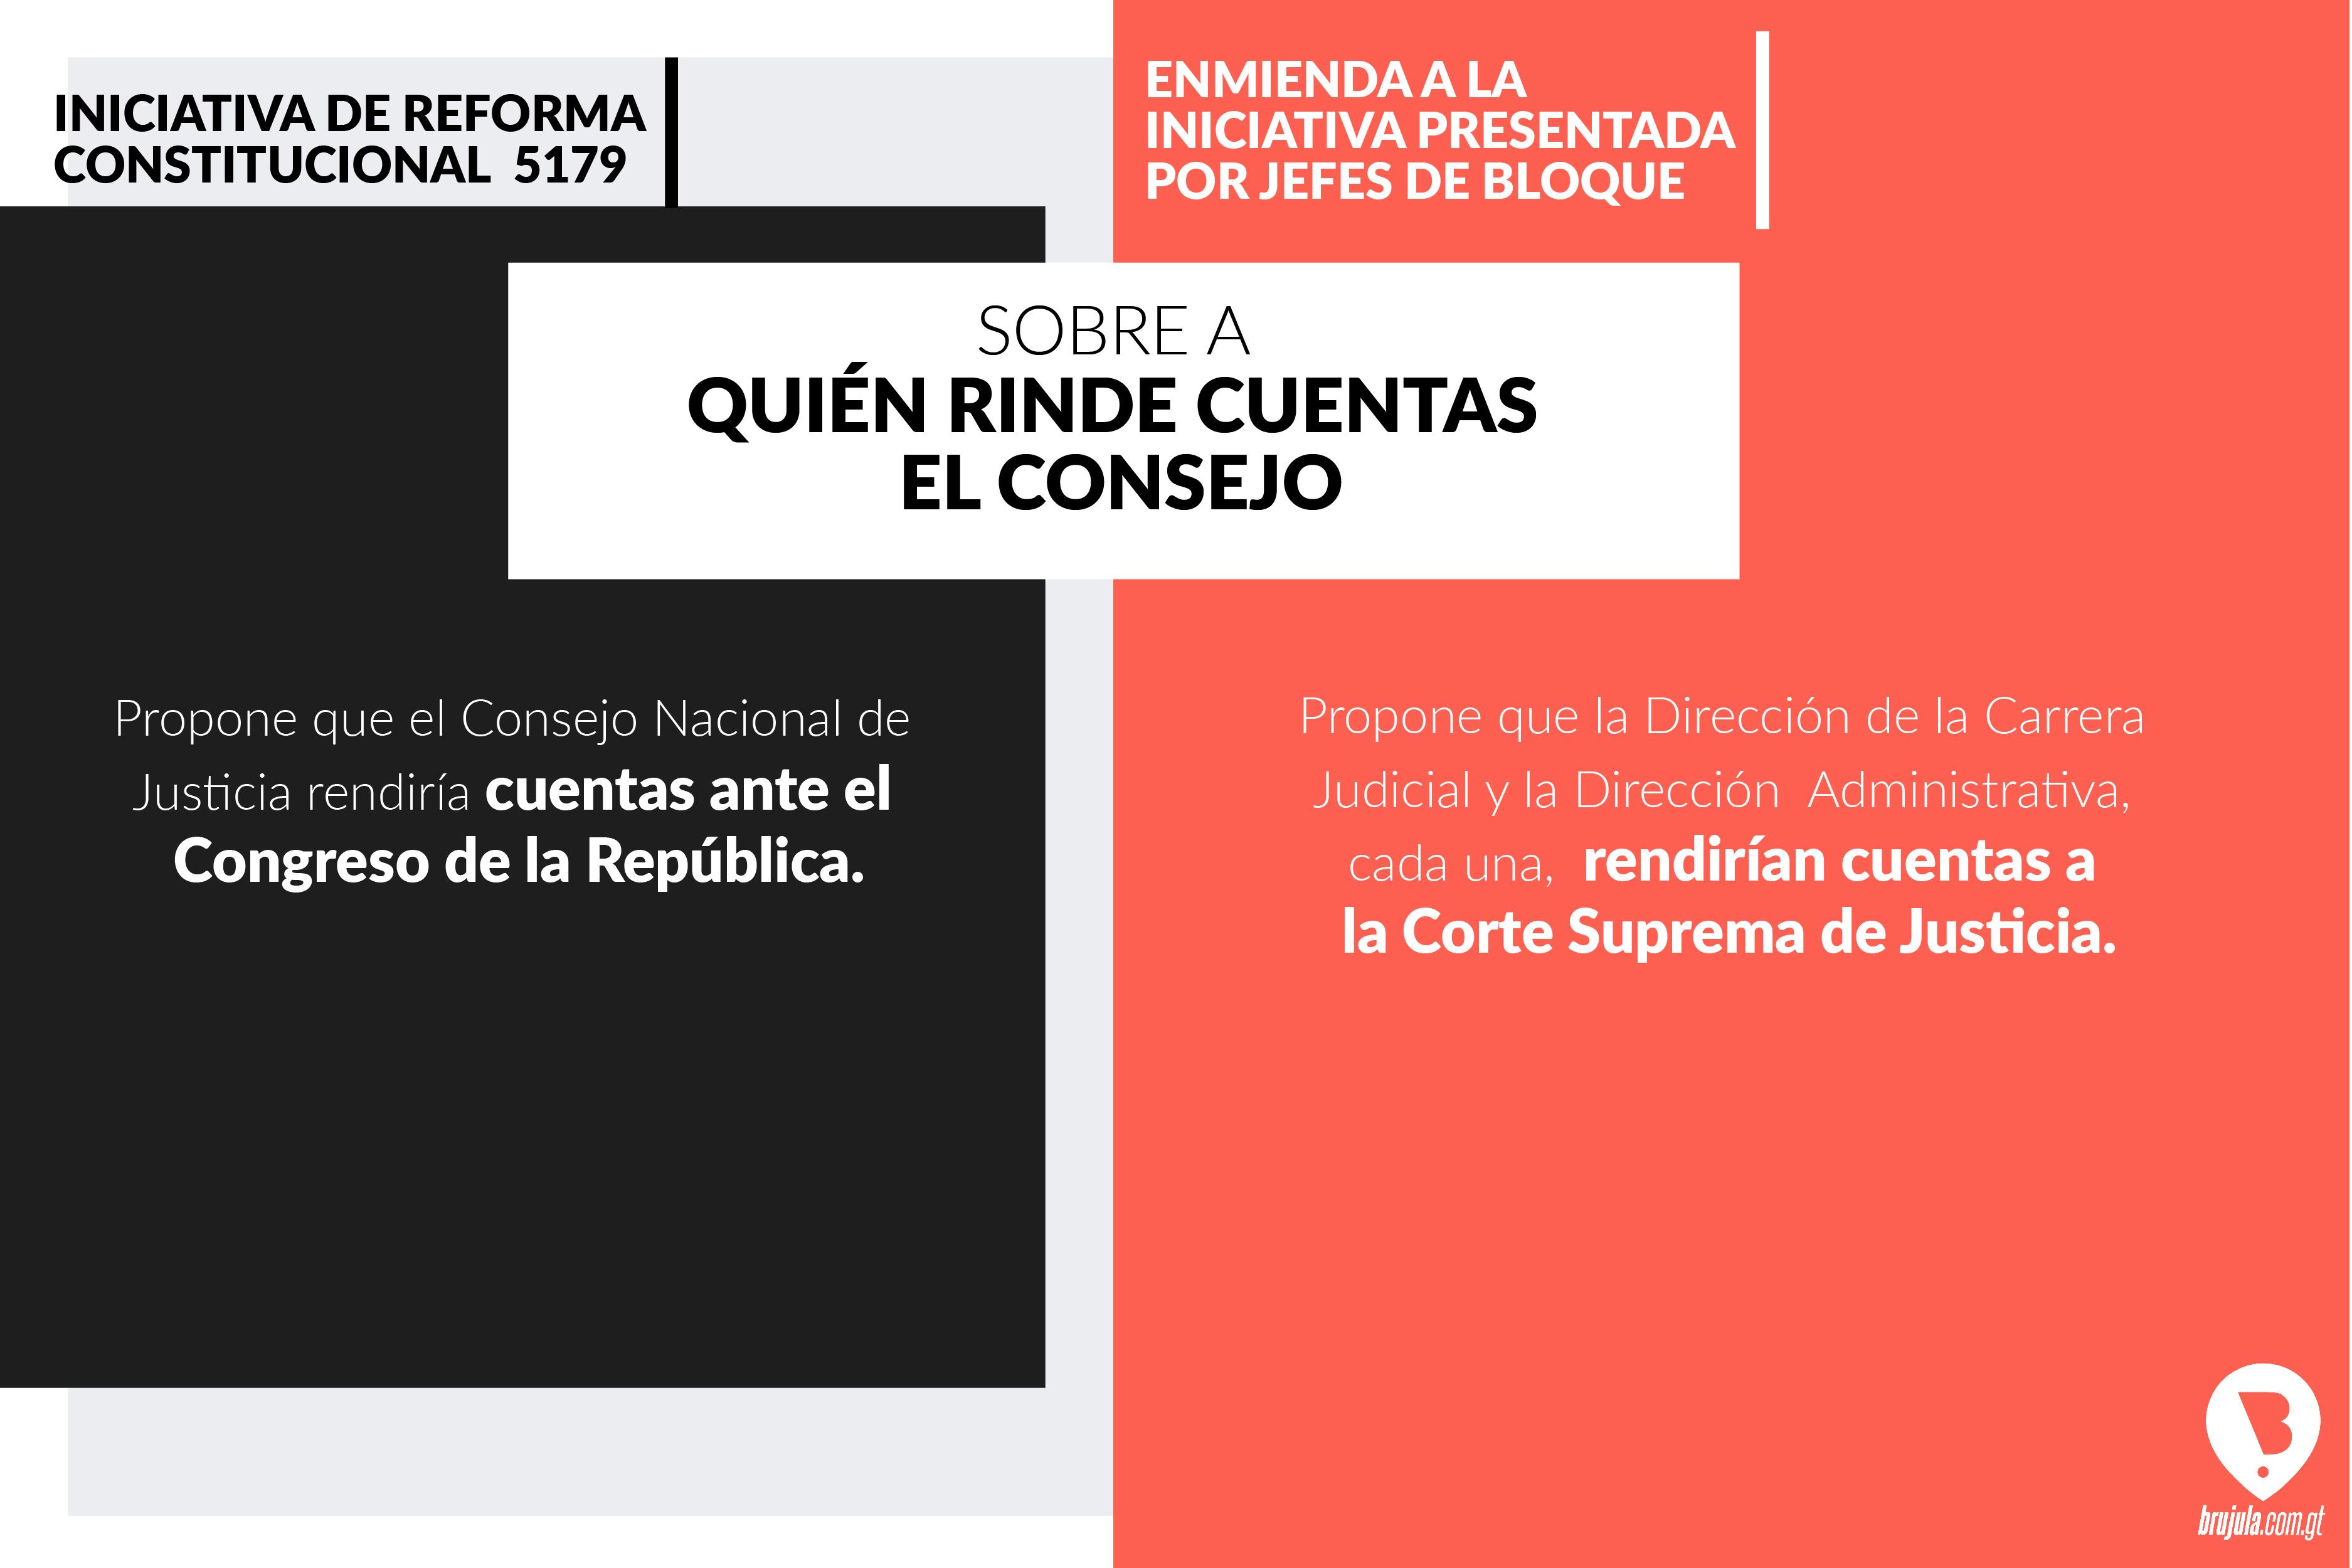 INFOGRAFÍA REFORMA CONST 5179-05